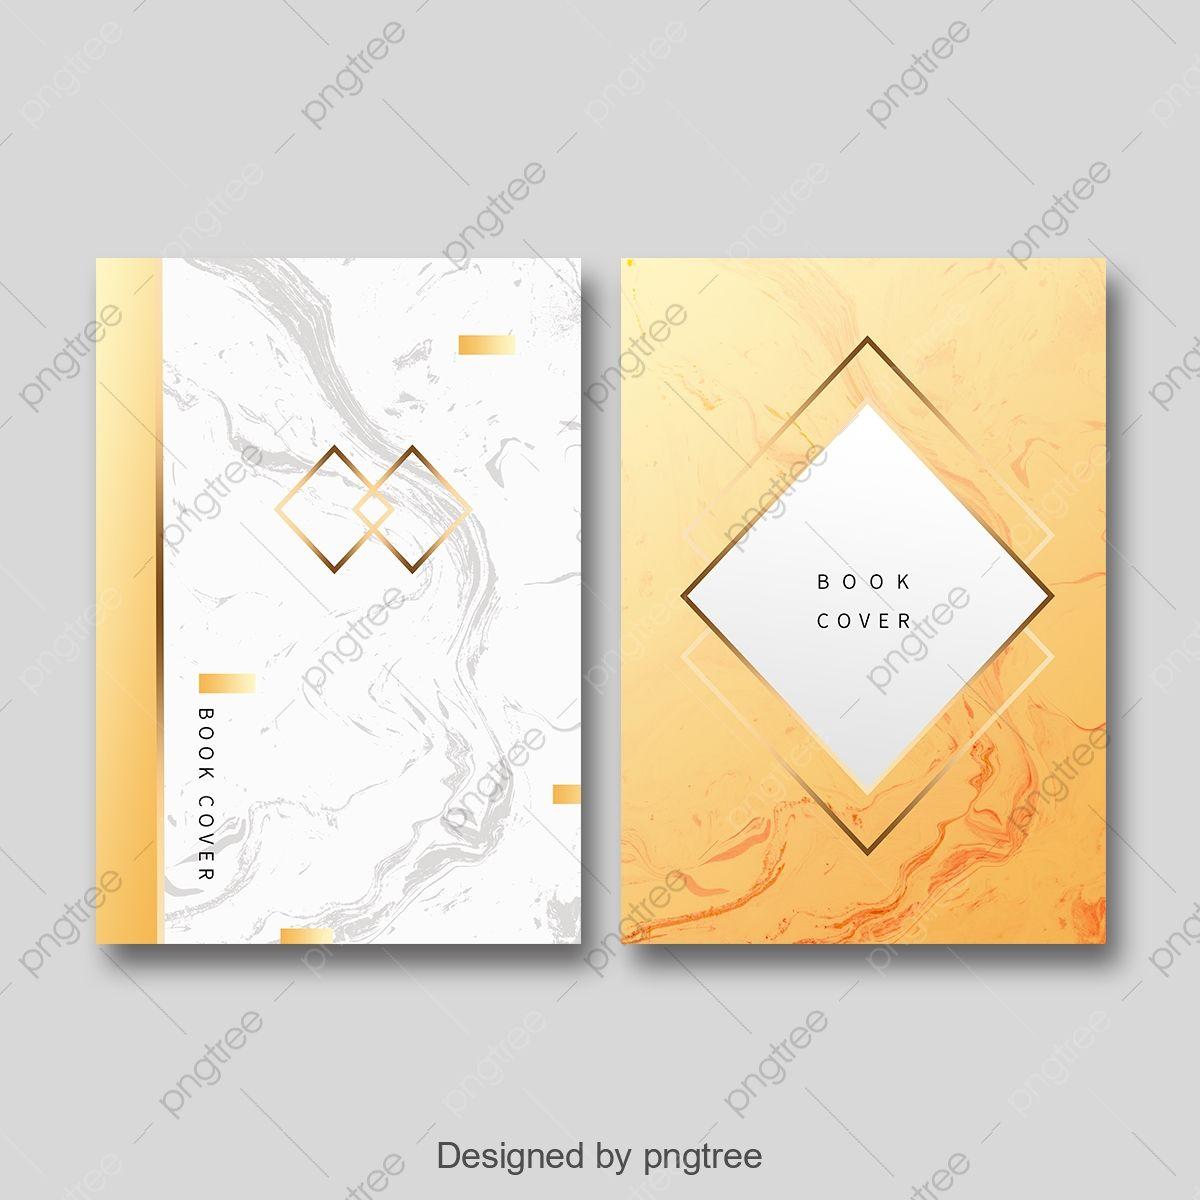 قالب غلاف كتاب الرخام الذهبي البسيط Book Cover Template Cover Template Graphic Design Brochure